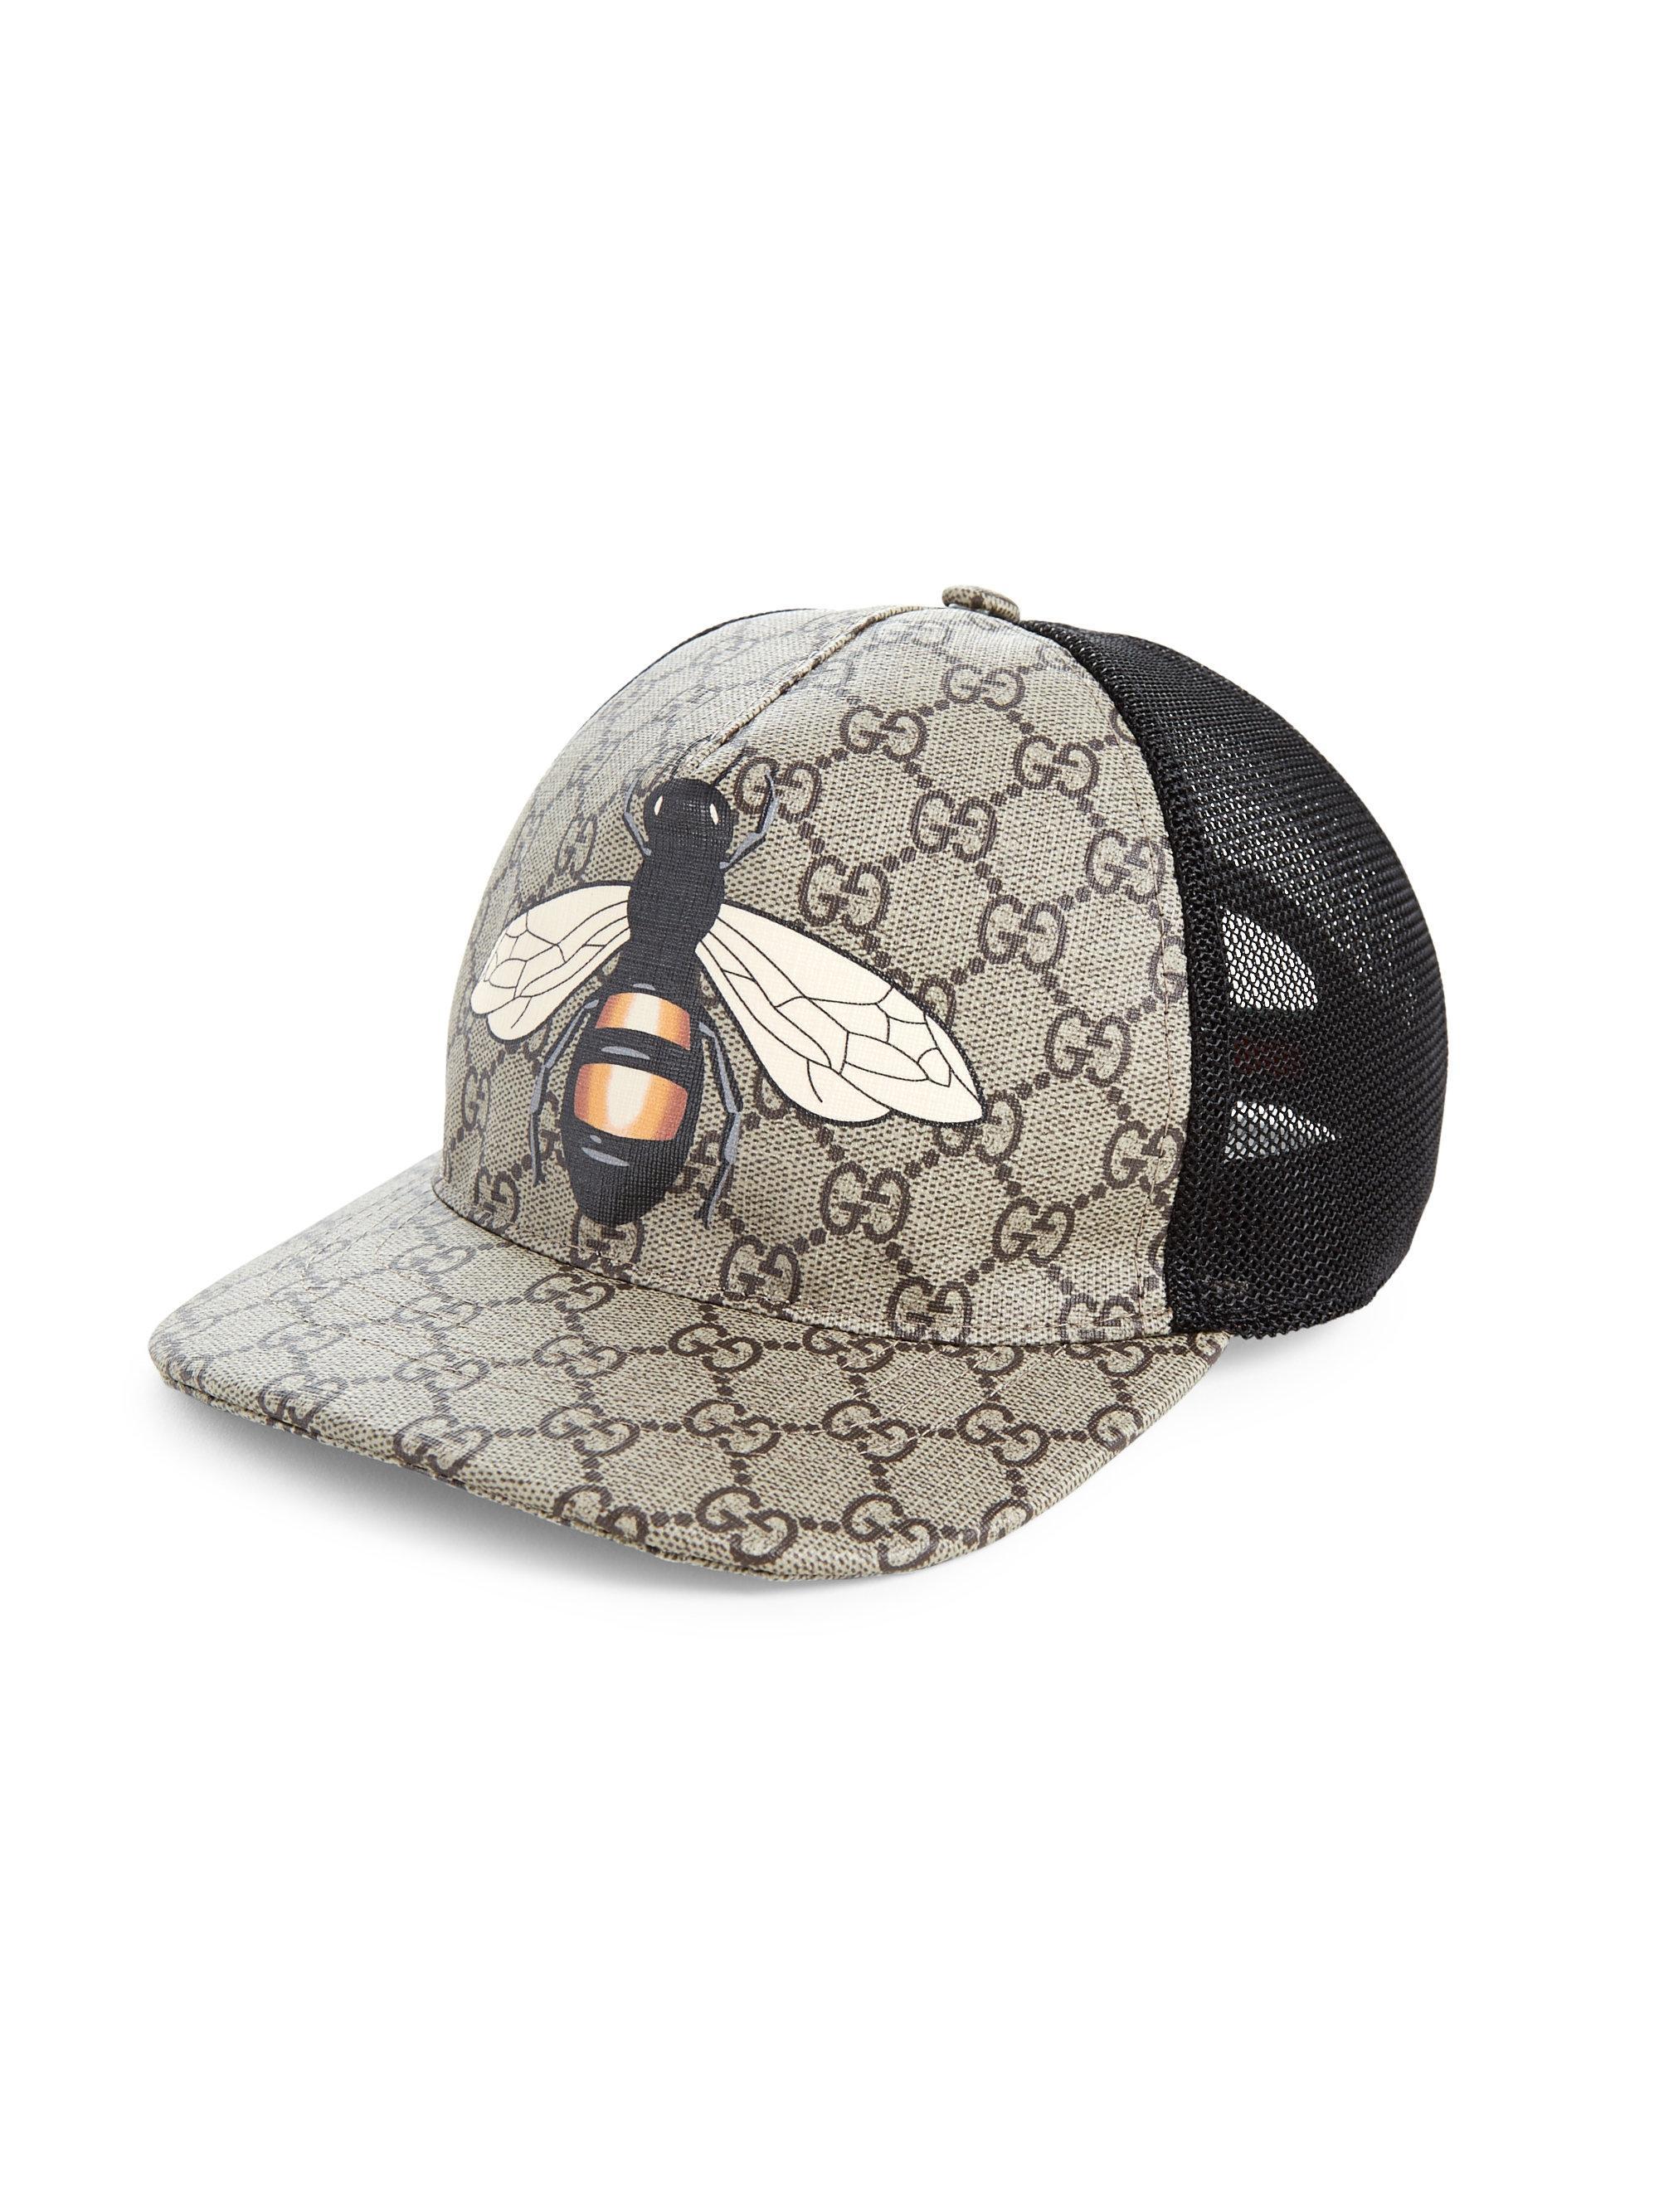 3ce2dda4893ad Gucci Hat Bee